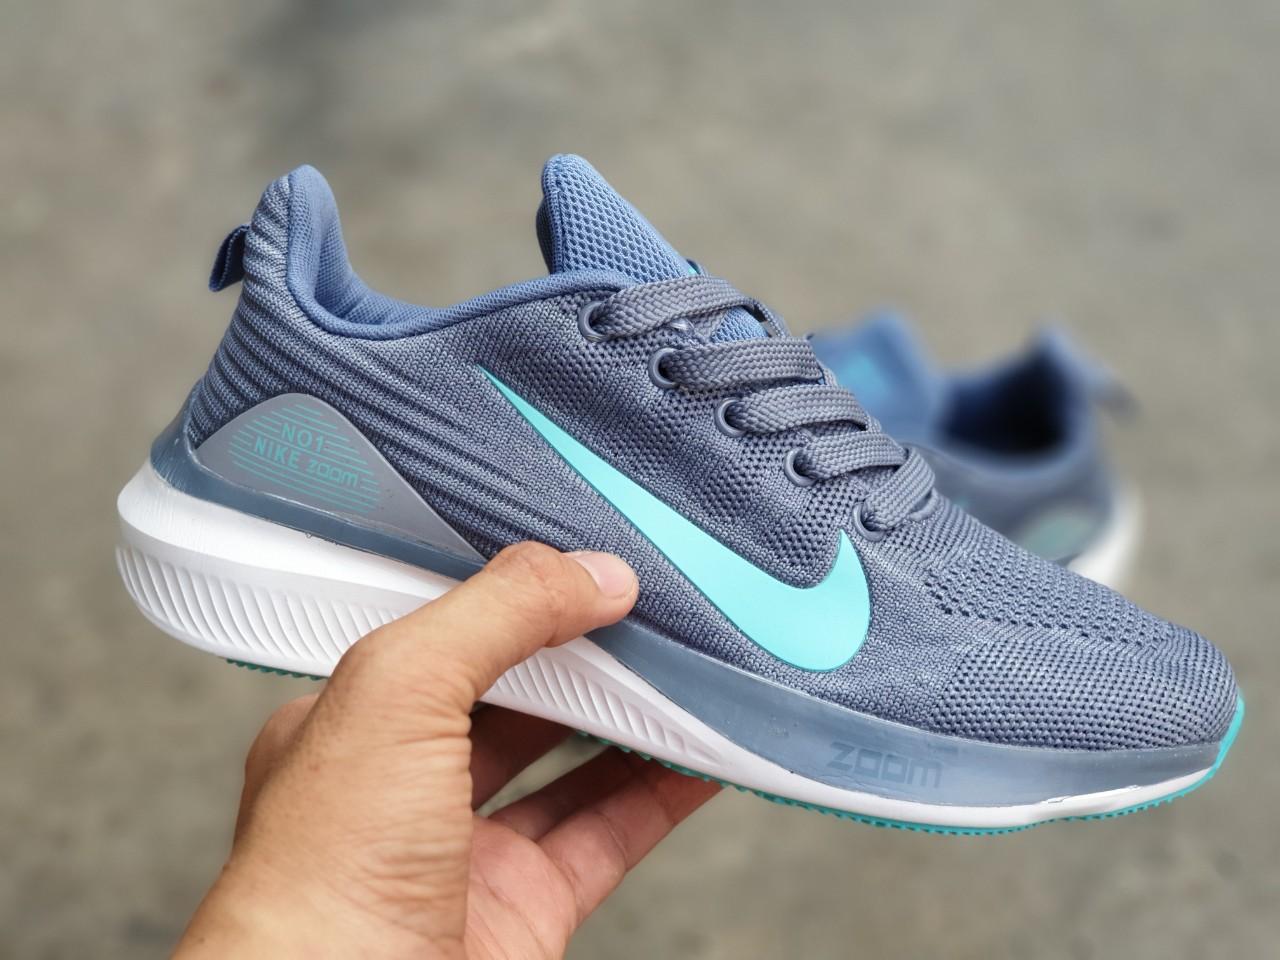 Giày Nike Zoom nữ F14 màu xanh